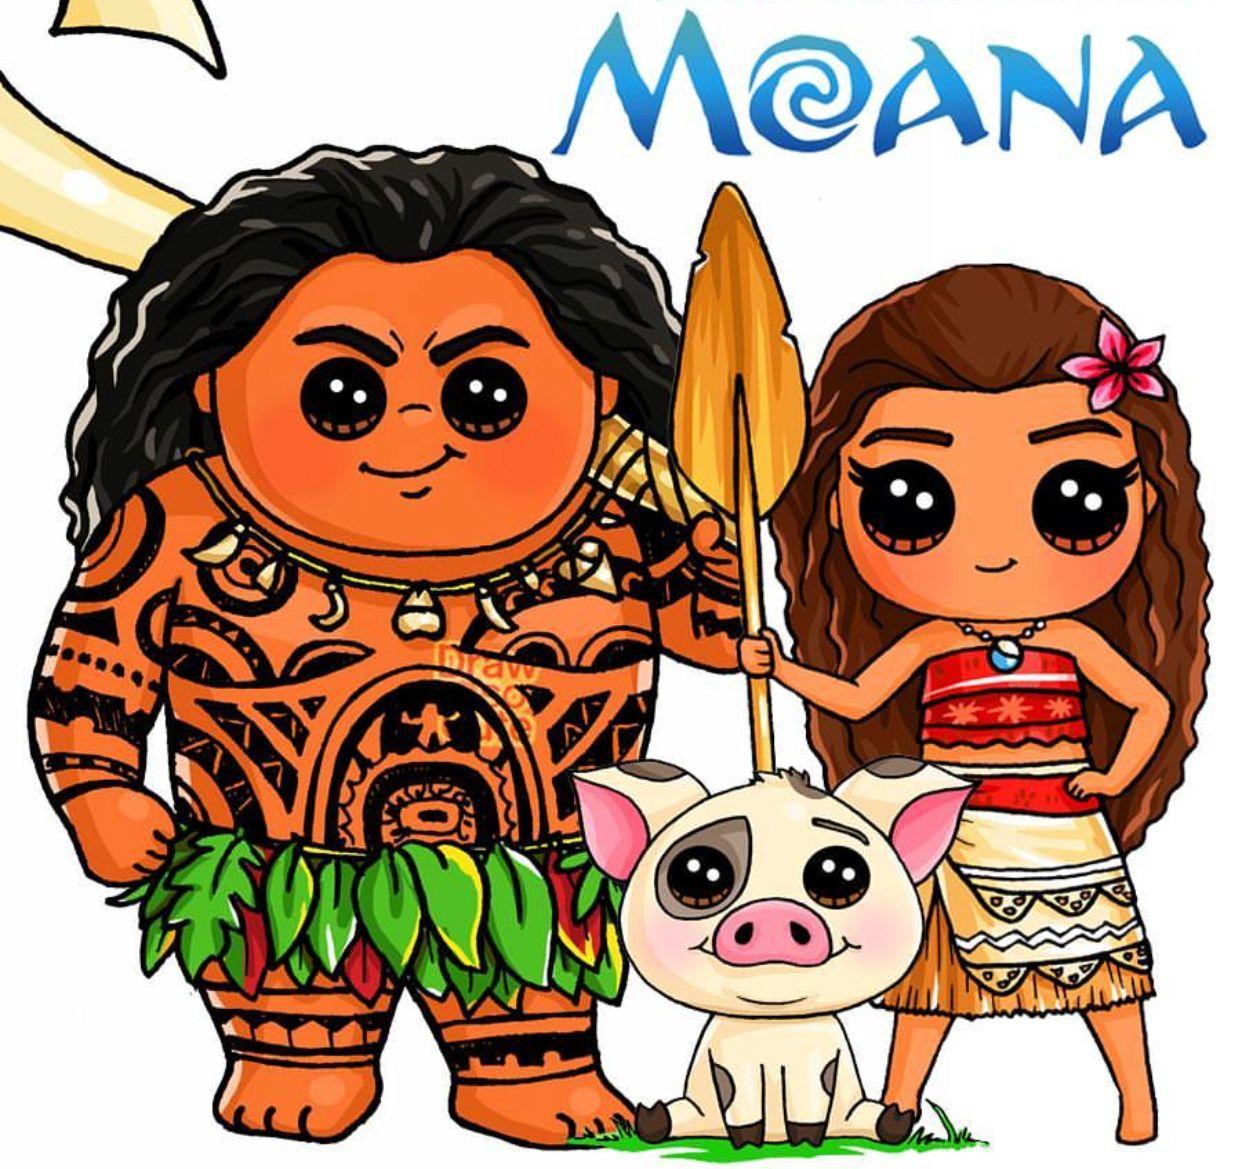 Moana kawaii. Draw so cute drawings